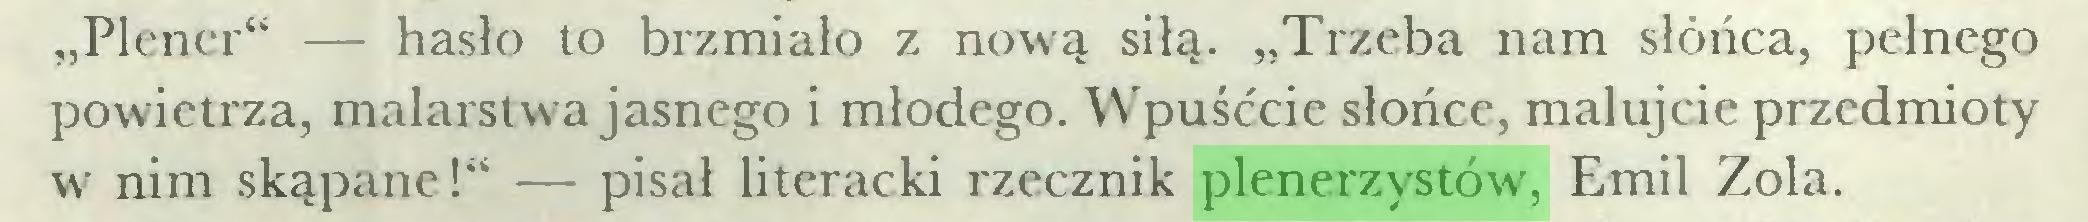 """(...) """"Plener"""" — hasło to brzmiało z now'ą siłą. """"Trzeba nam słońca, pełnego powietrza, malarstwa jasnego i młodego. Wpuśćcie słońce, malujcie przedmioty w nim skąpane!"""" — pisał literacki rzecznik plenerzystów', Emil Zola..."""